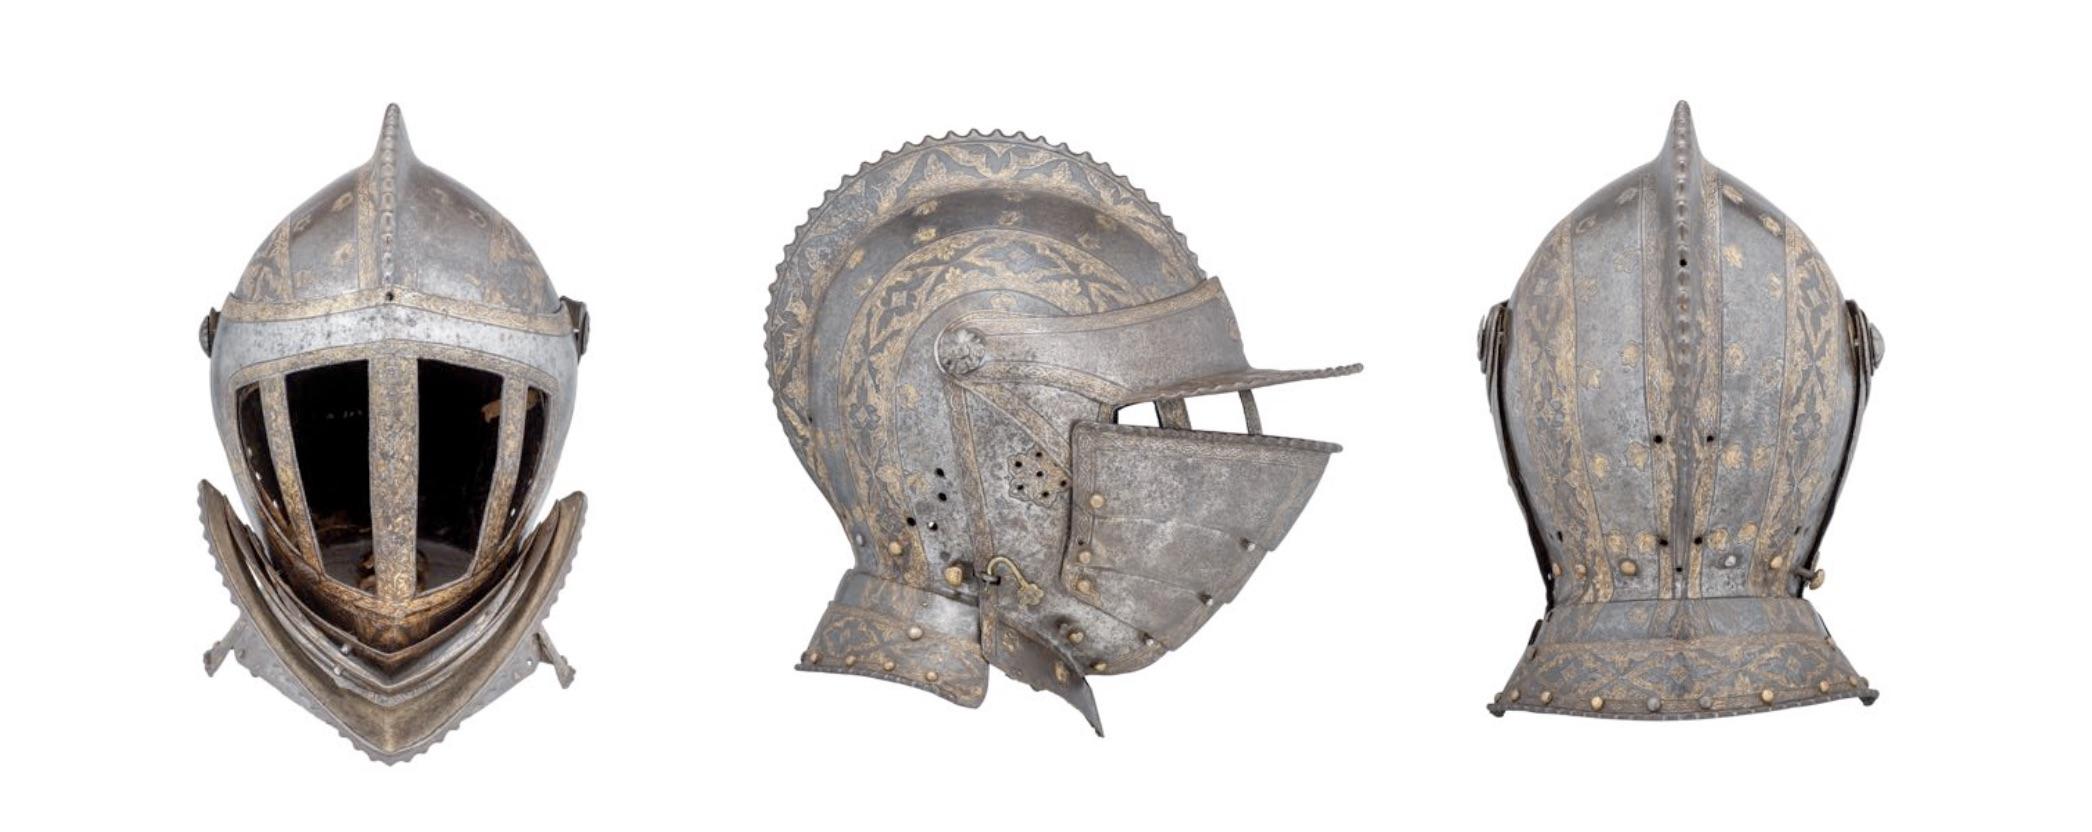 A Renaissance helmet